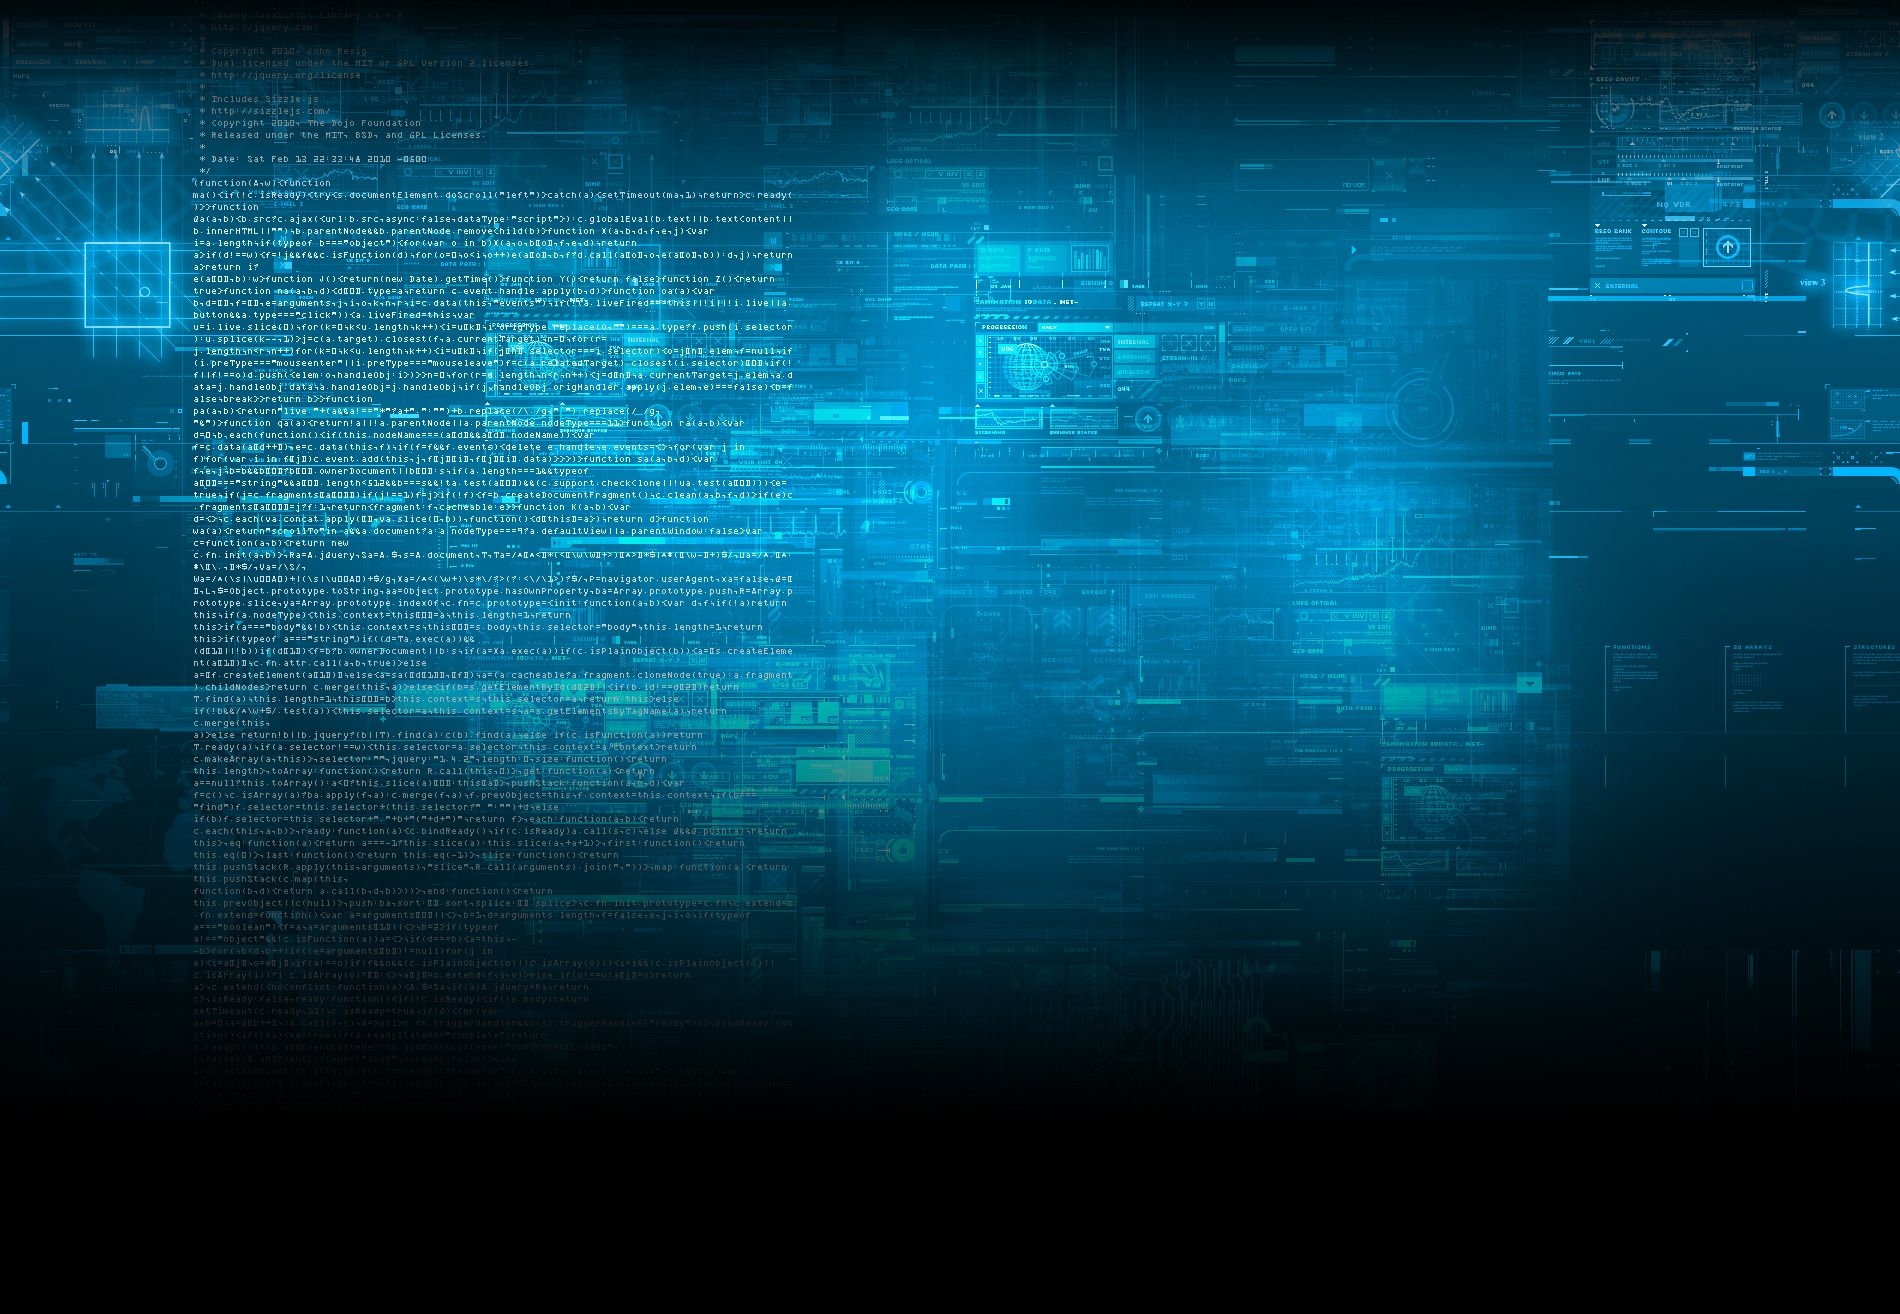 Tech Spirit Technology Wallpaper Hi Tech Wallpaper Tech Background